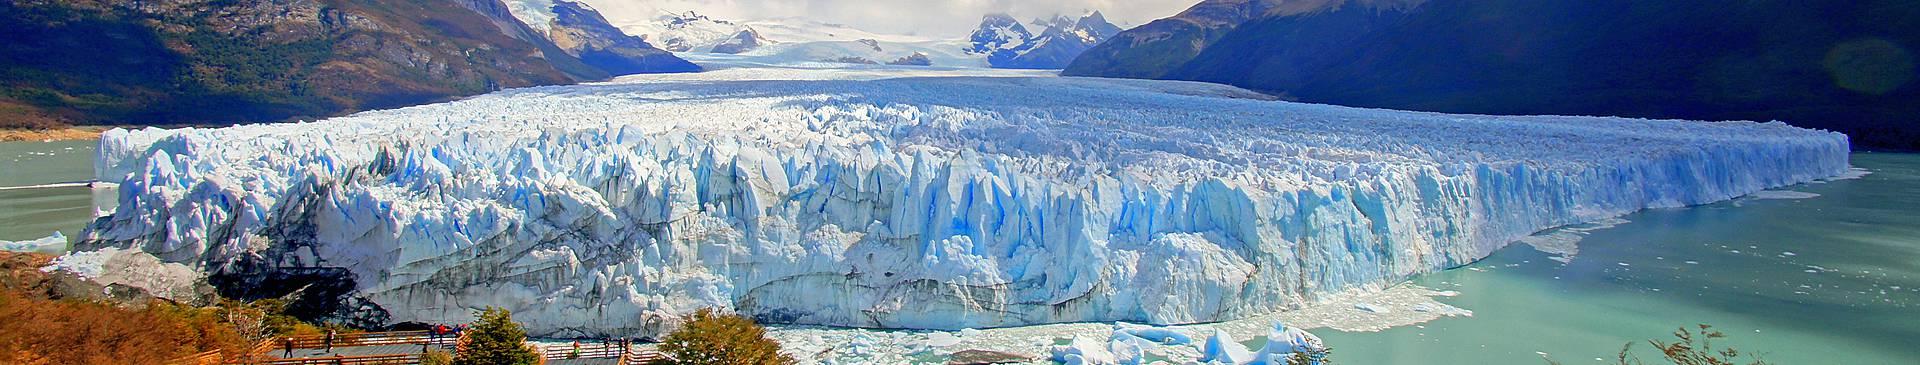 Viajes a Patagonia en invierno